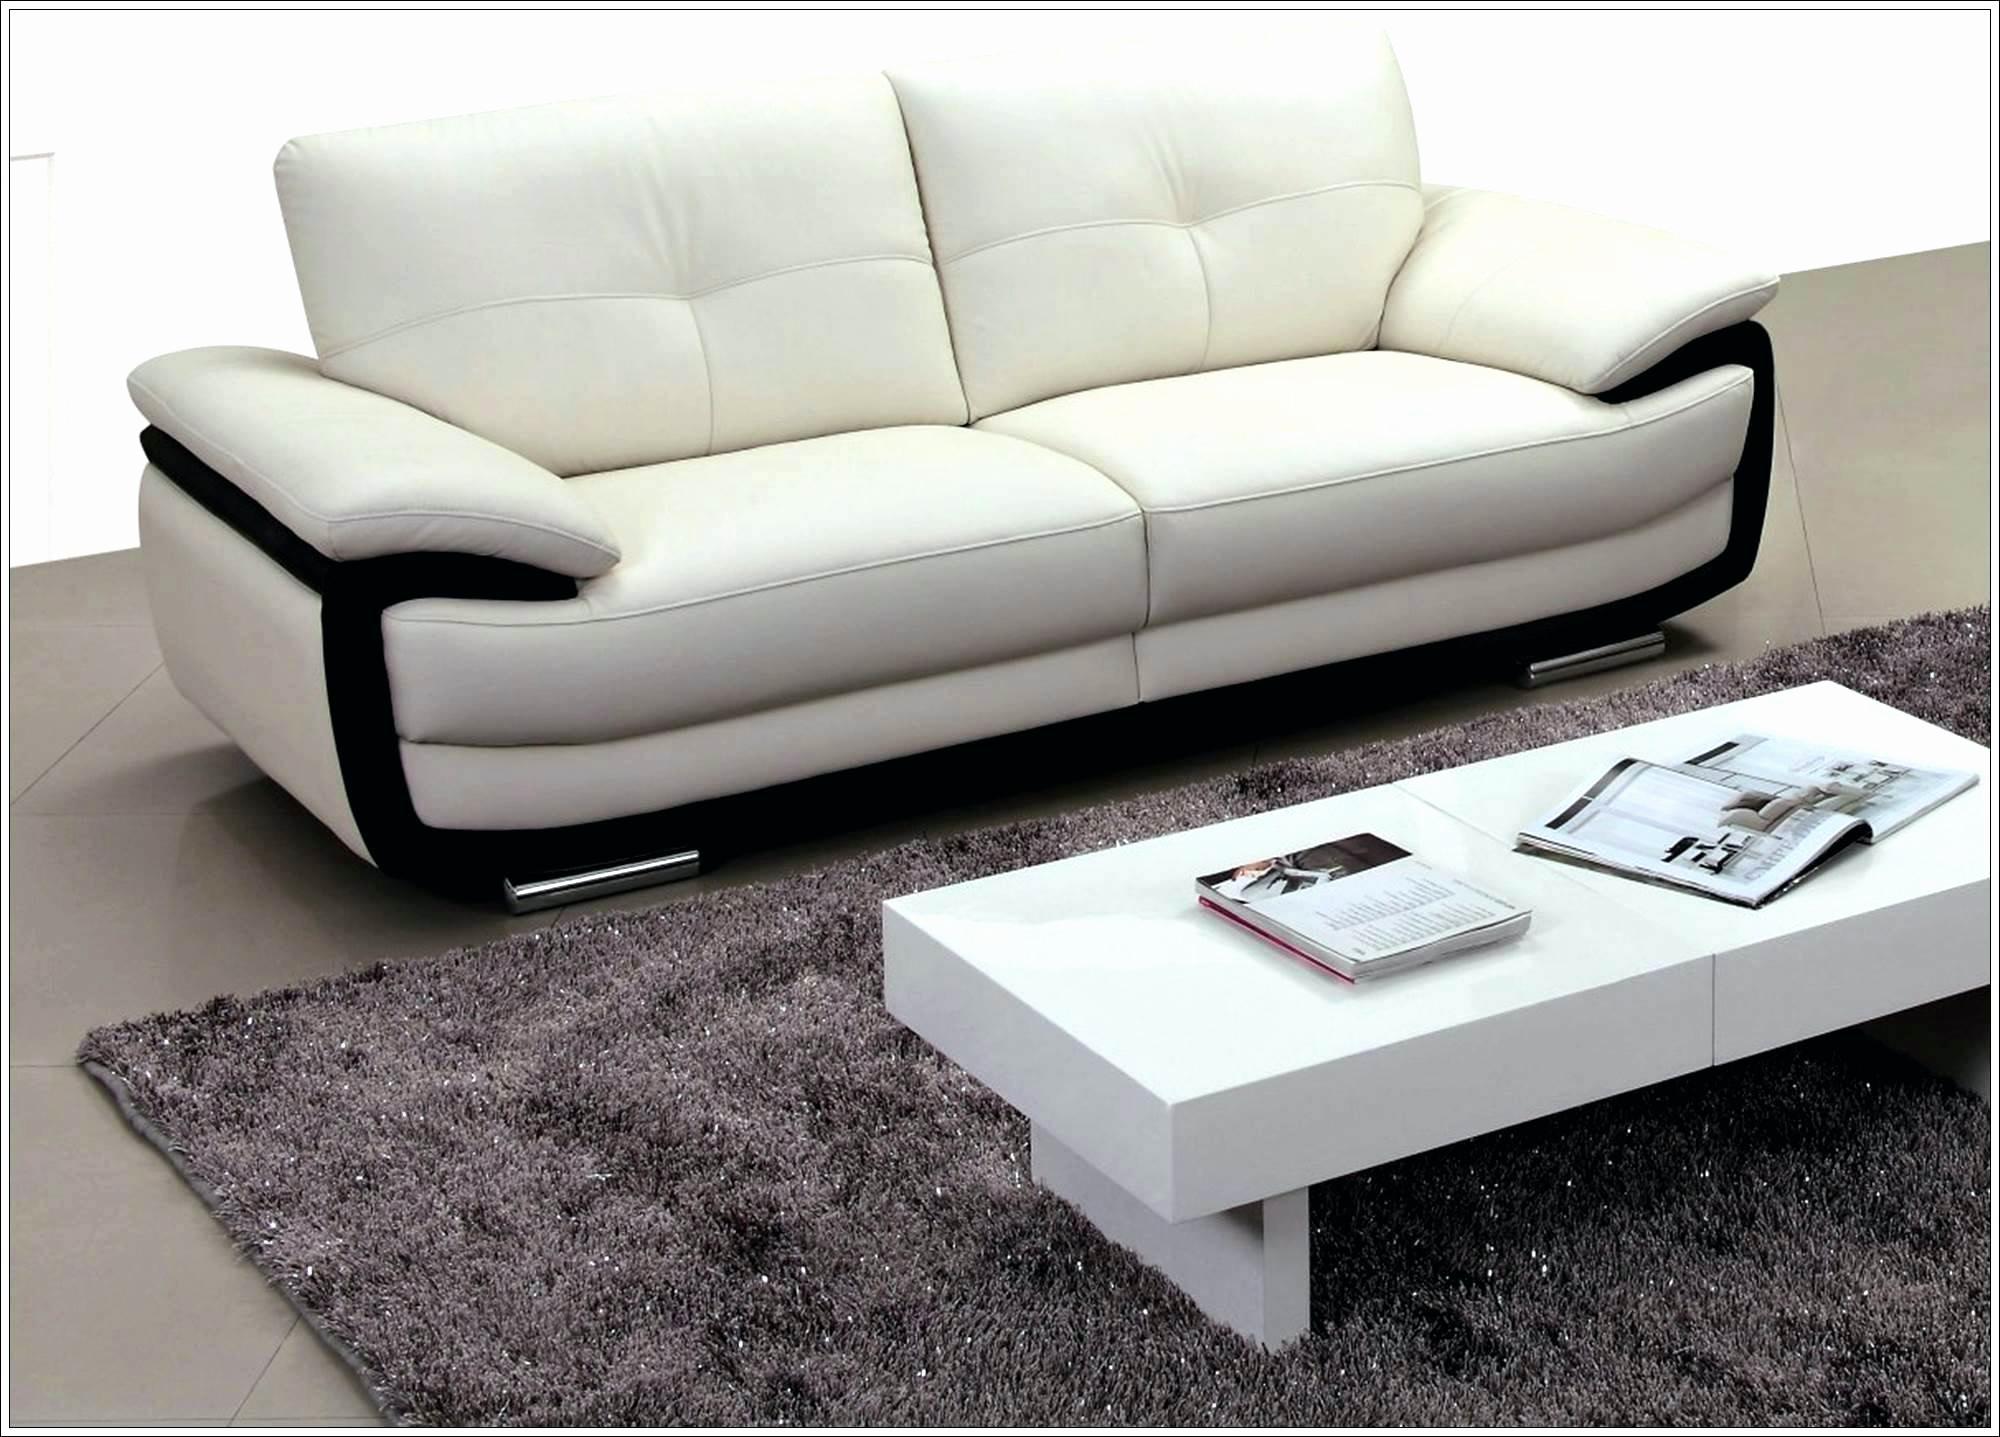 Canapé En Cuir Ikea Nouveau Photos Canap Convertible 3 Places Conforama 11 Lit 2 Pas Cher Ikea but